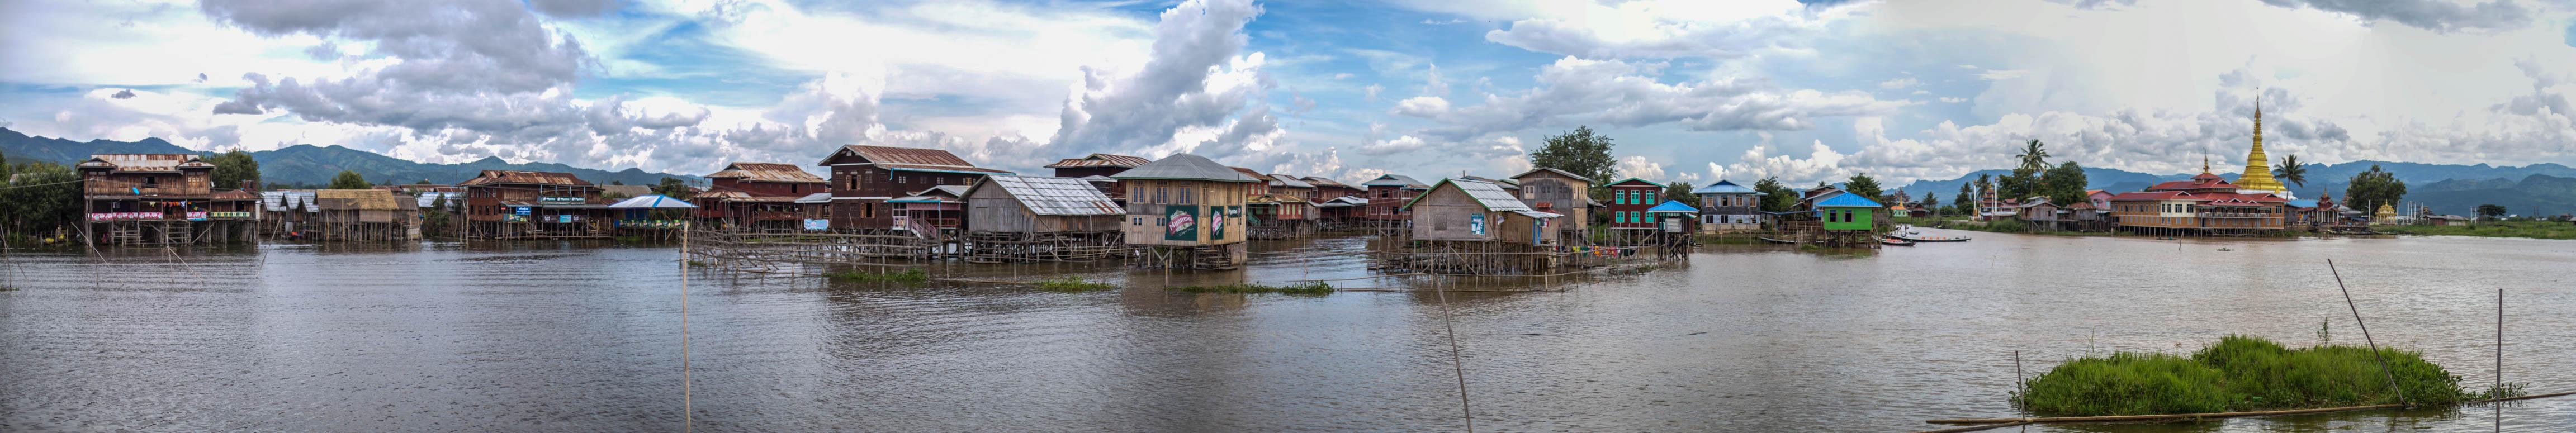 Mitten am Inle Lake stehen die schwimmenden Dörfer